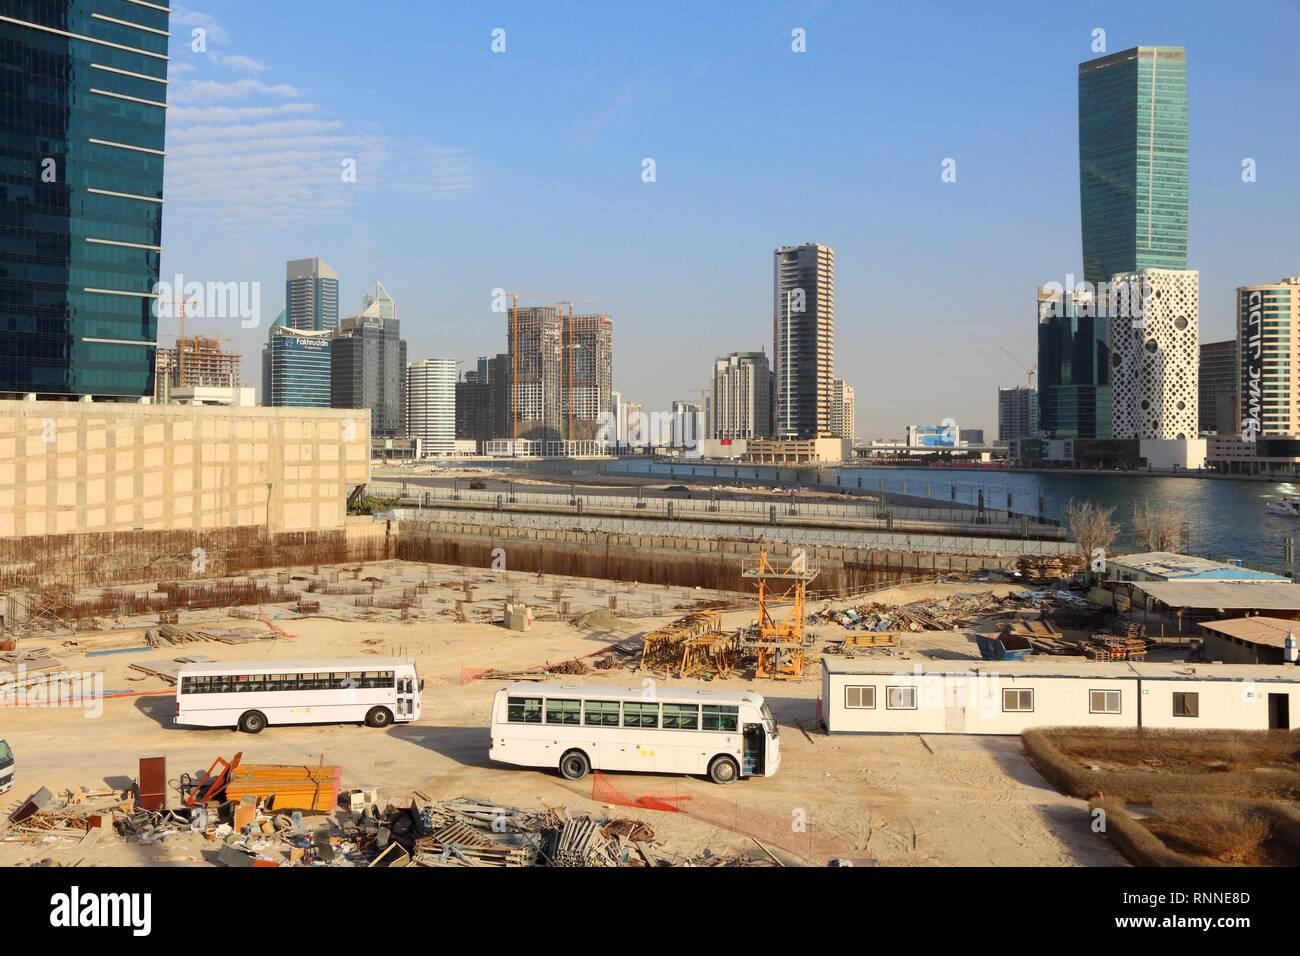 a426cd4f4d DUBAI, EMIRATOS ÁRABES UNIDOS - Noviembre 22, 2017: el desarrollo continuo  de la